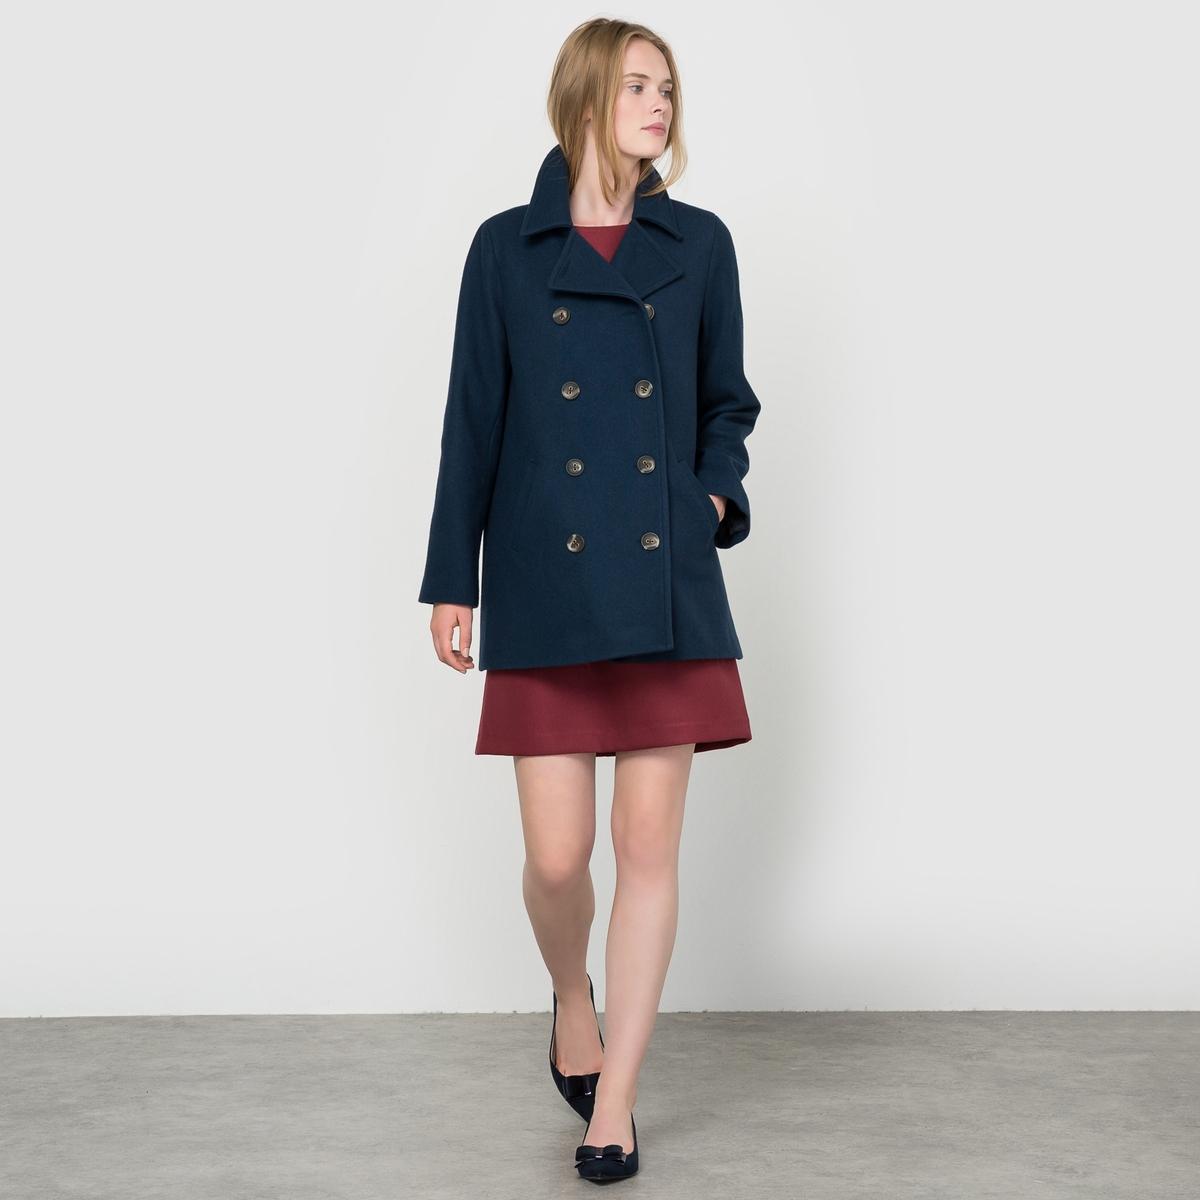 Куртка из шерстяного драпа Made in FranceКуртка из шерстяного драпа, произведенная во Франции . Гарантия высокого качества ! Длинные рукава. Пиджачный воротник. Двубортная застежка на пуговицы. Складка внутрь сзади. 2 кармана спереди.Состав и описаниеМатериал : Драп 70% шерсти, 15% полиэстера, 10% полиамида, 5% других волокон - Подкладка 100% полиэстера Длина : 75 смМарка : R essentiel.УходГладить при умеренной температуре- Сухая чистка.<br><br>Цвет: бордовый,синий морской<br>Размер: 38 (FR) - 44 (RUS).40 (FR) - 46 (RUS).36 (FR) - 42 (RUS)